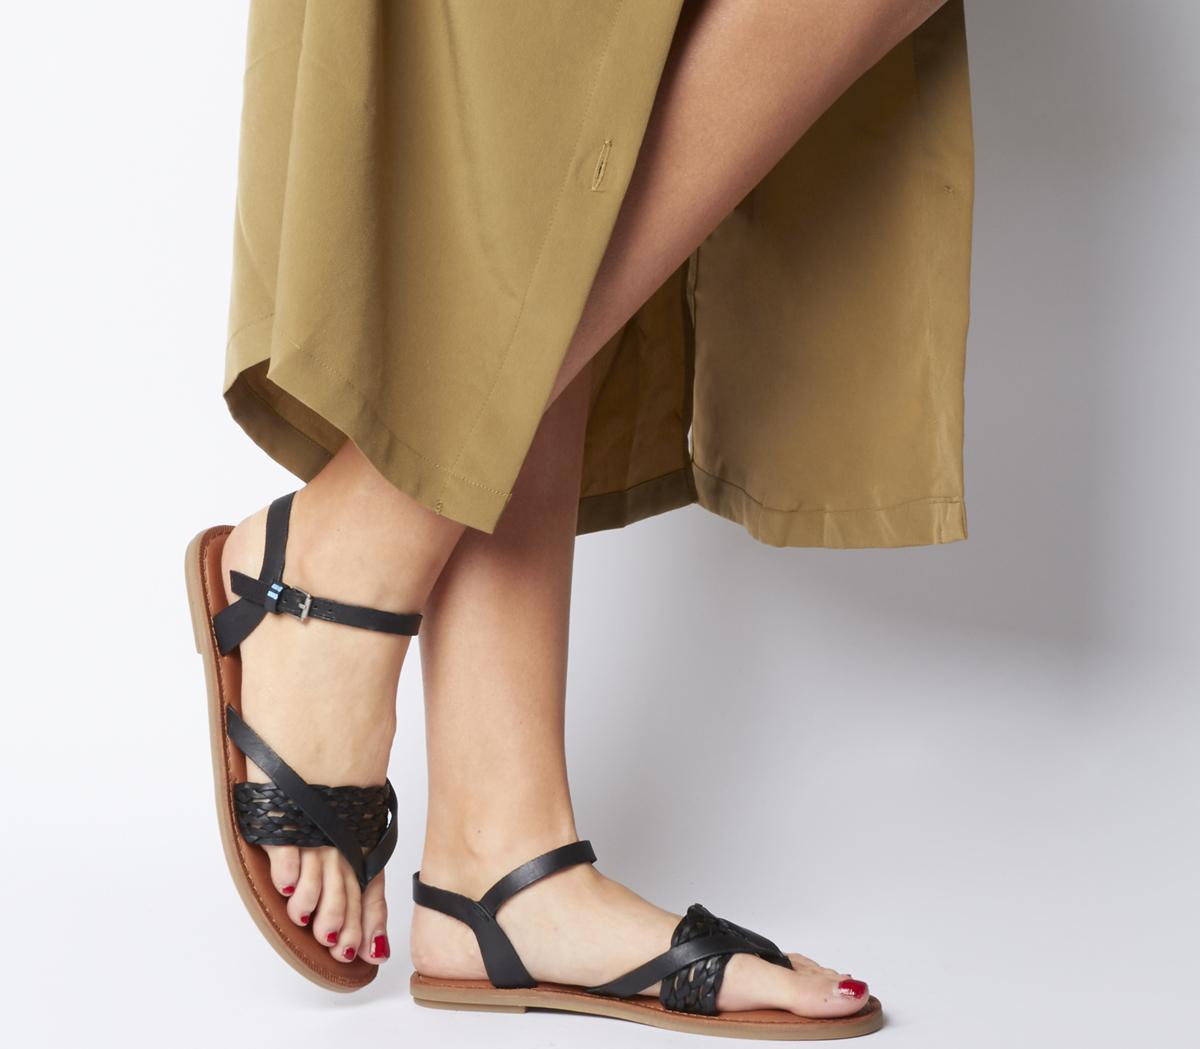 Leather Toms Sandals Lexie Toms Black Pw8nO0k